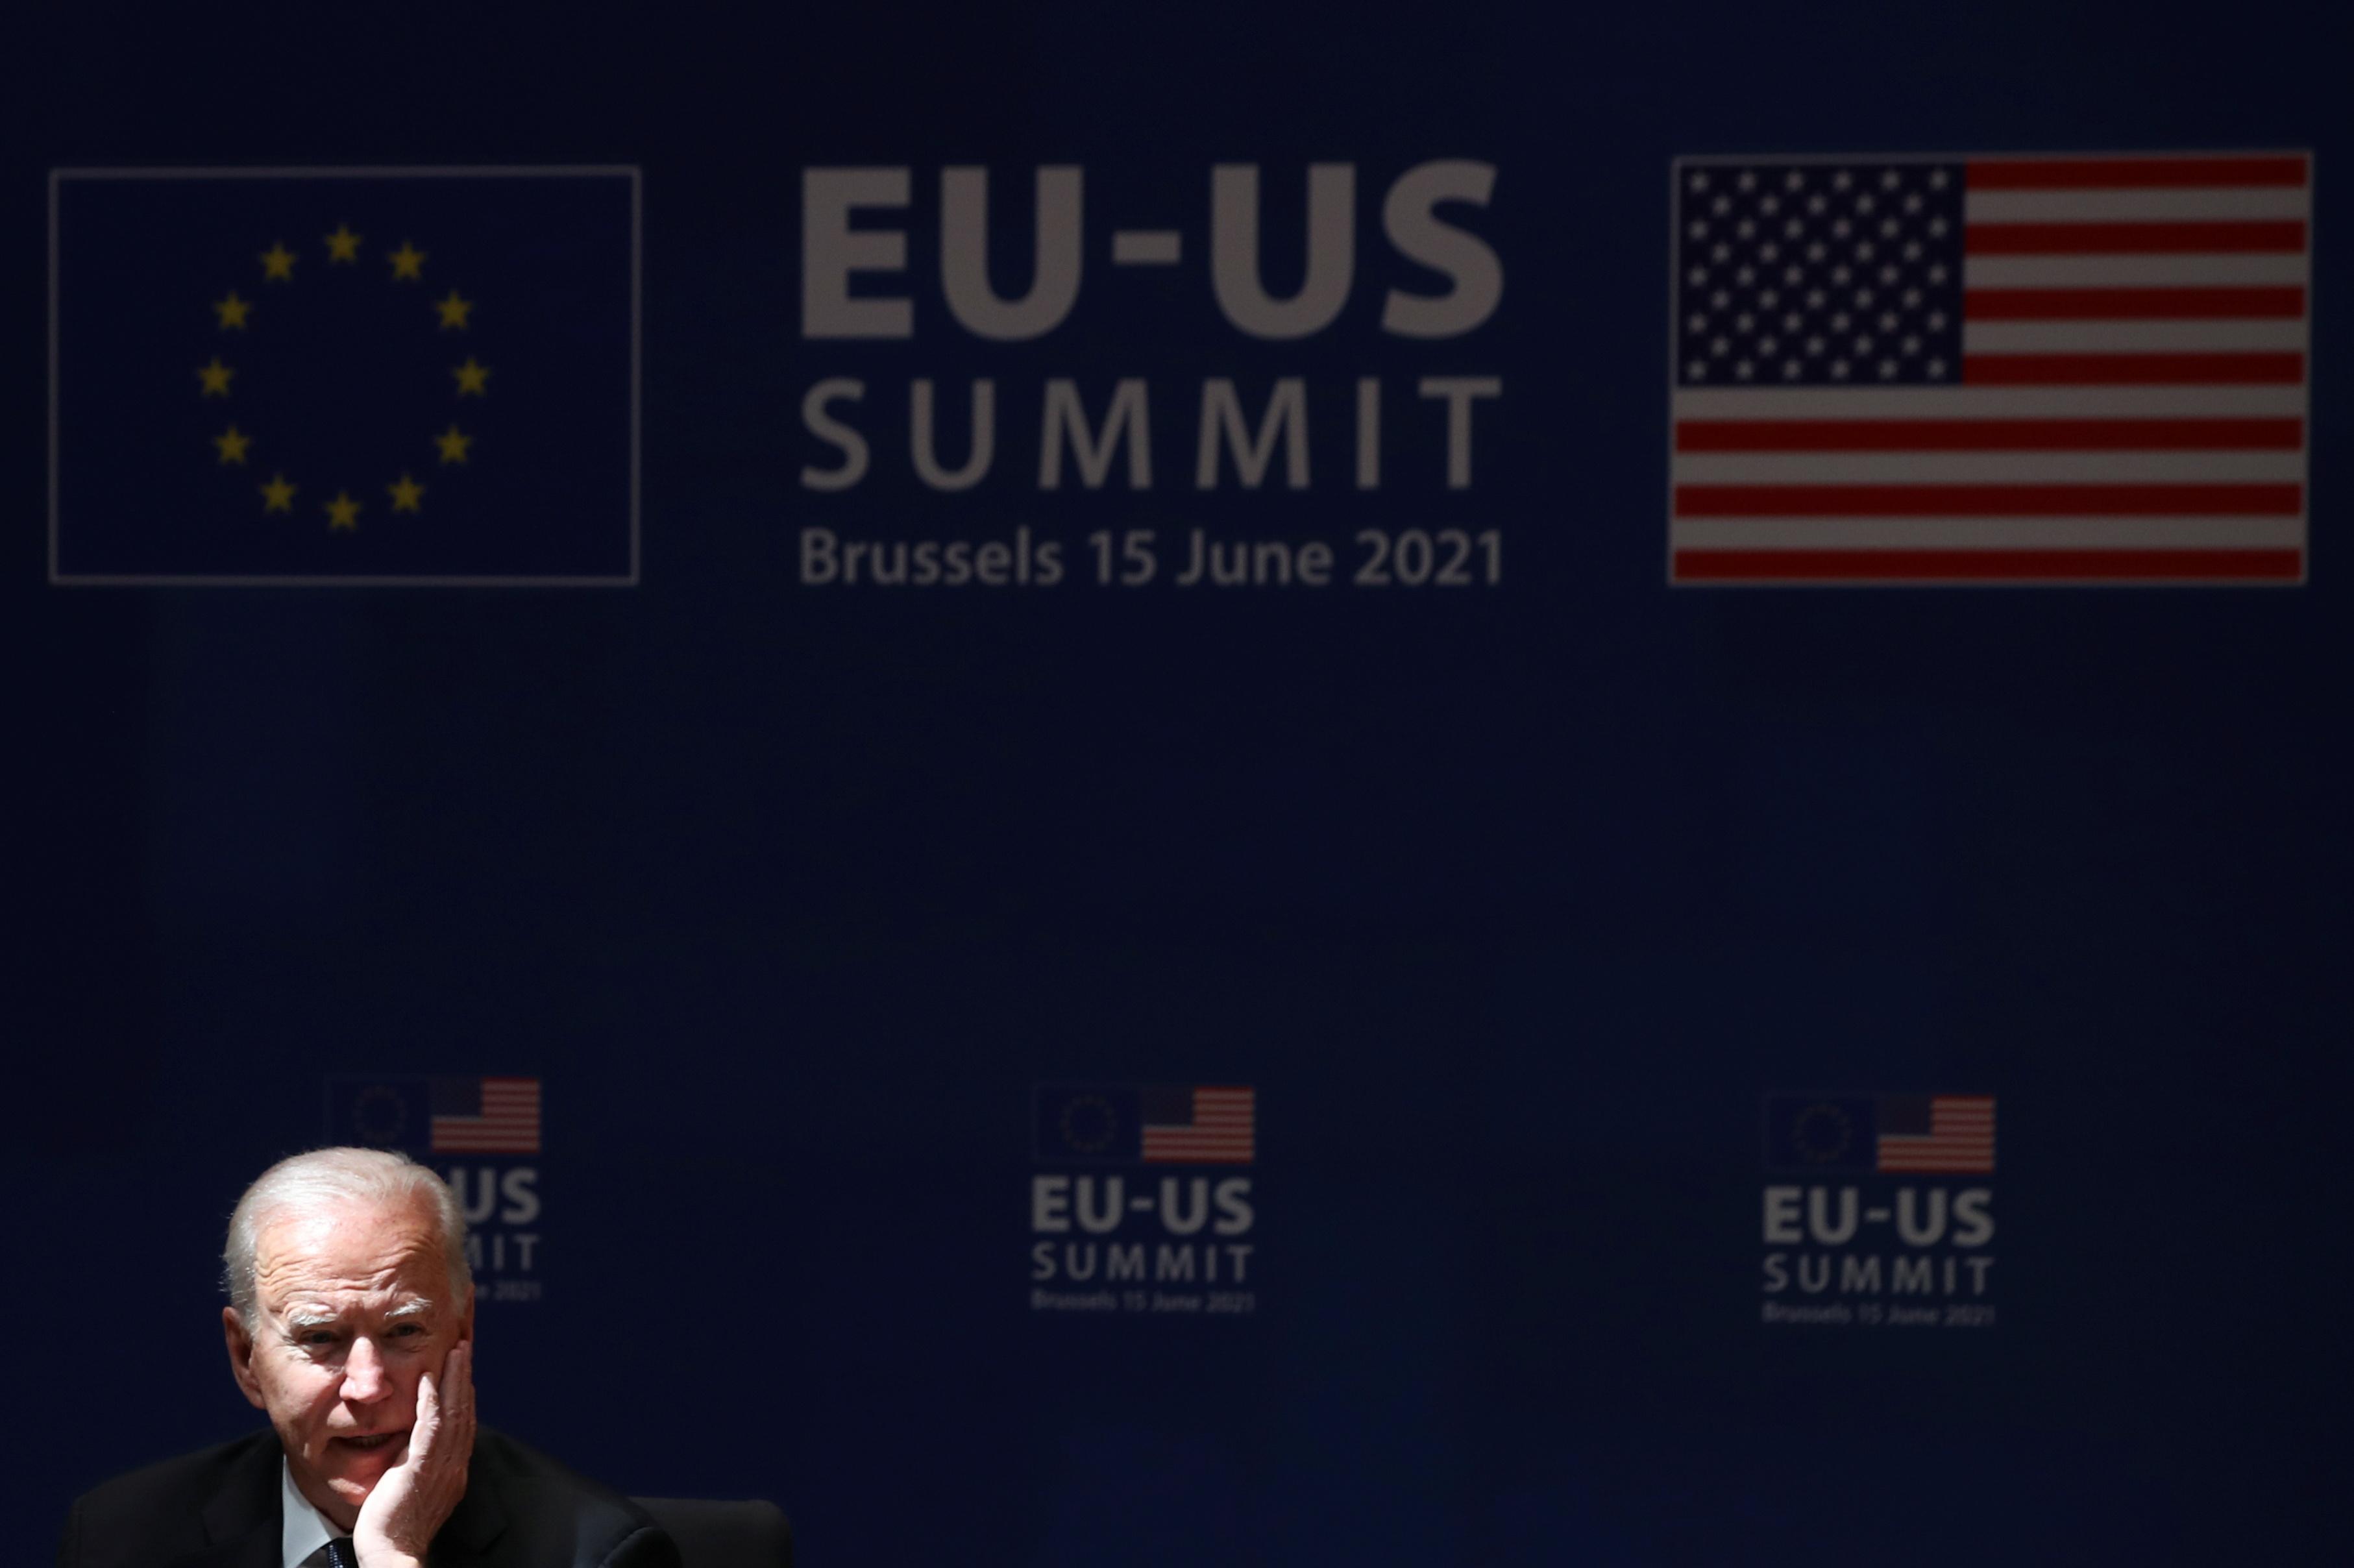 U.S. President Joe Biden attends the EU-US summit, in Brussels, Belgium June 15, 2021. REUTERS/Yves Herman